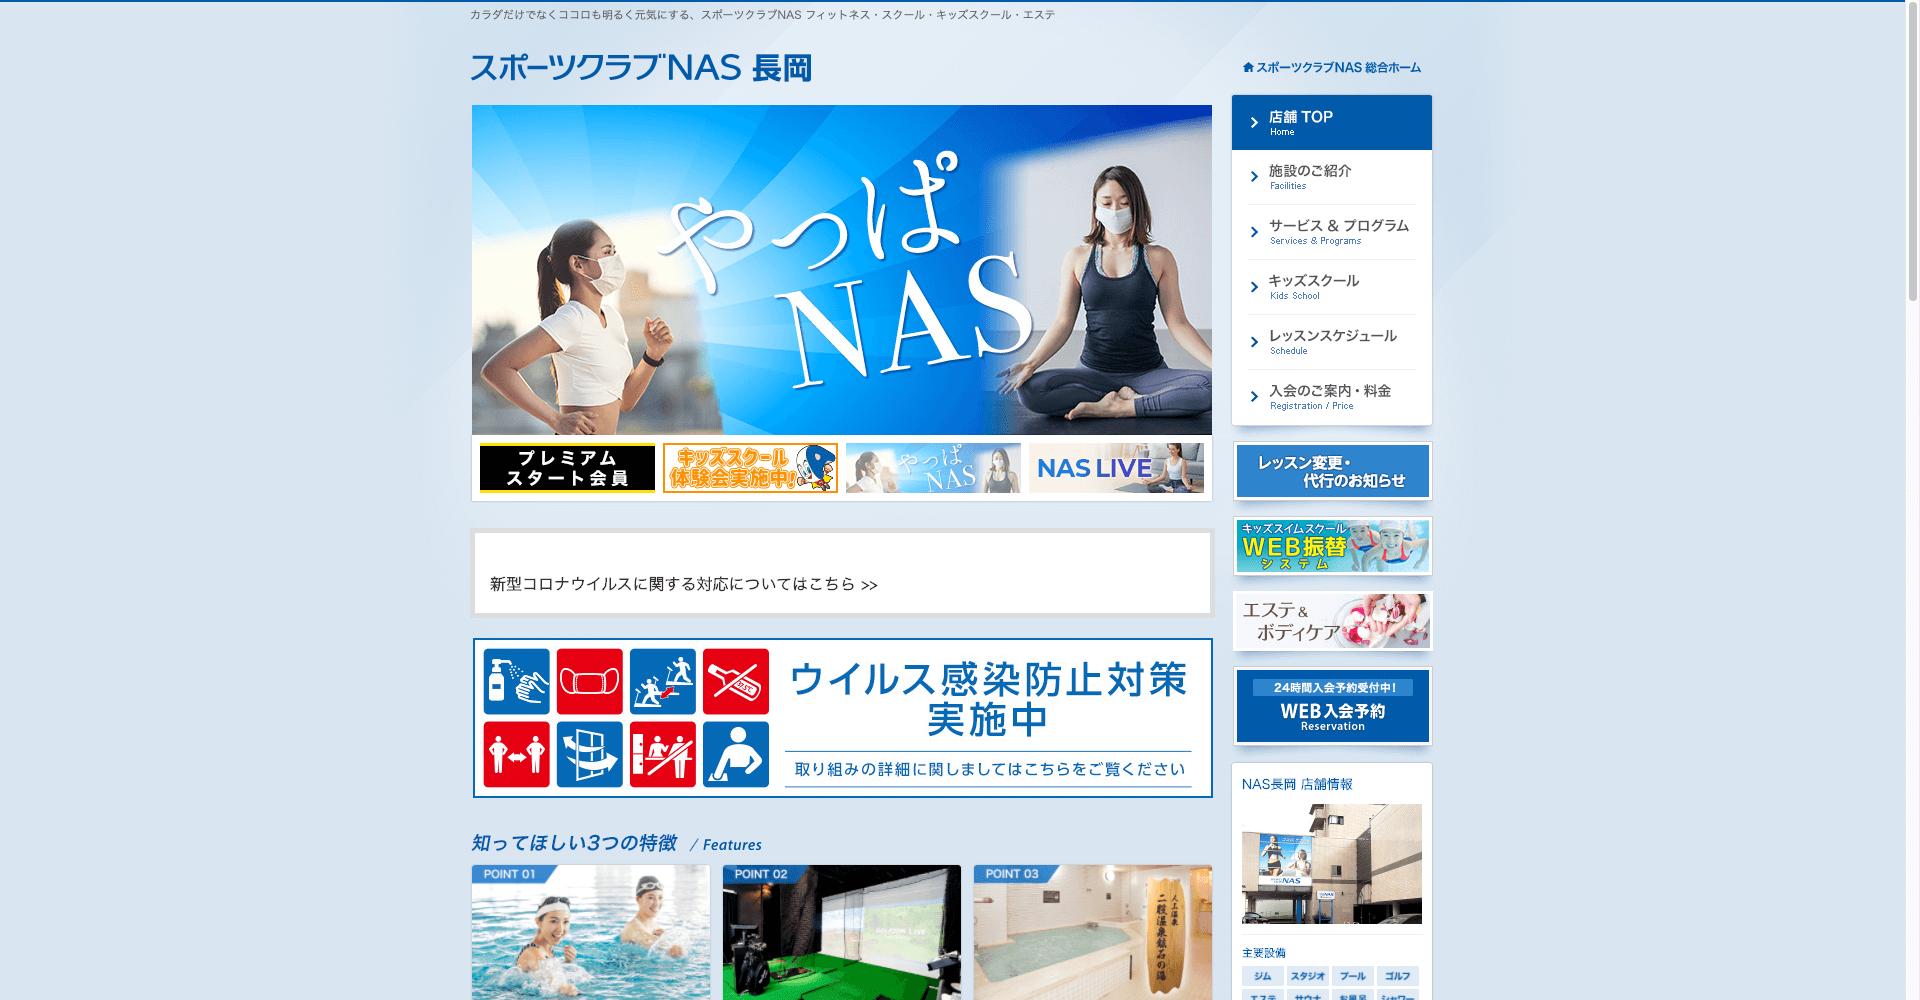 スポーツクラブNAS長岡